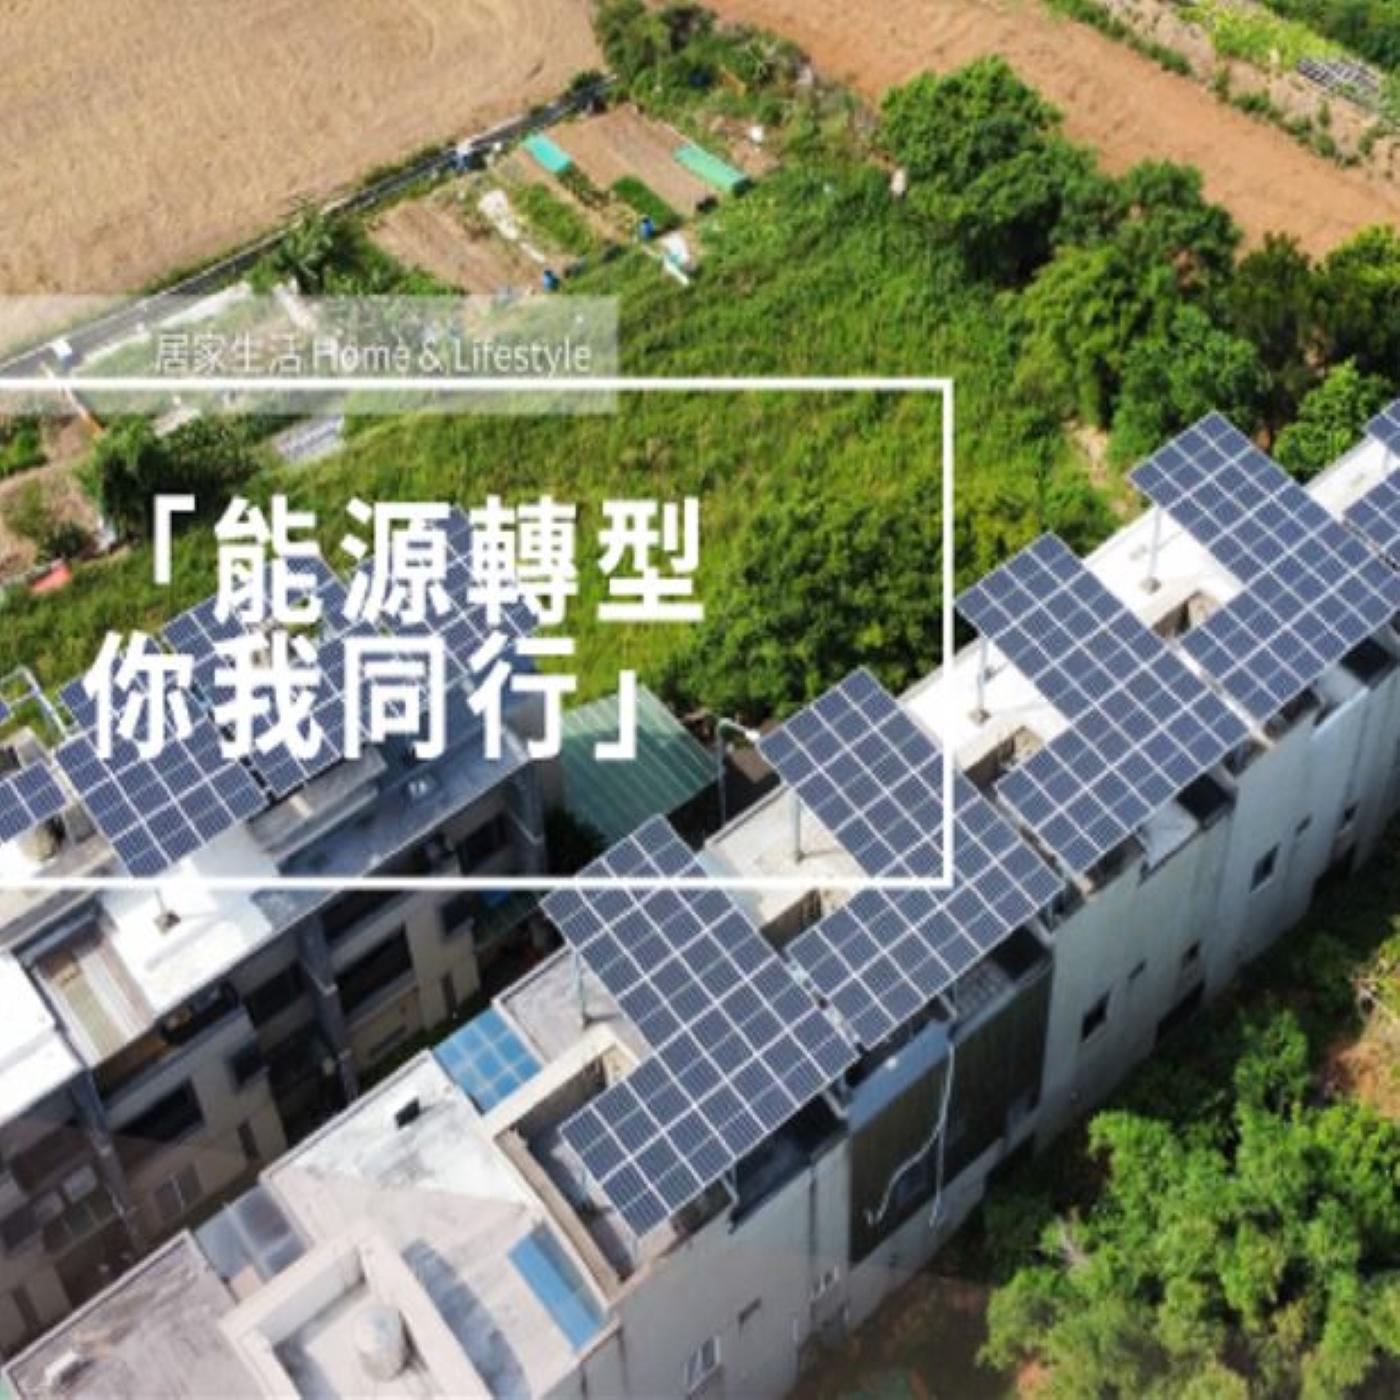 哇嗚~人人都可以投資電廠當老闆?而且還是環保太陽能電廠!今天一起來聽聽太陽能全民電廠怎麼說^^,